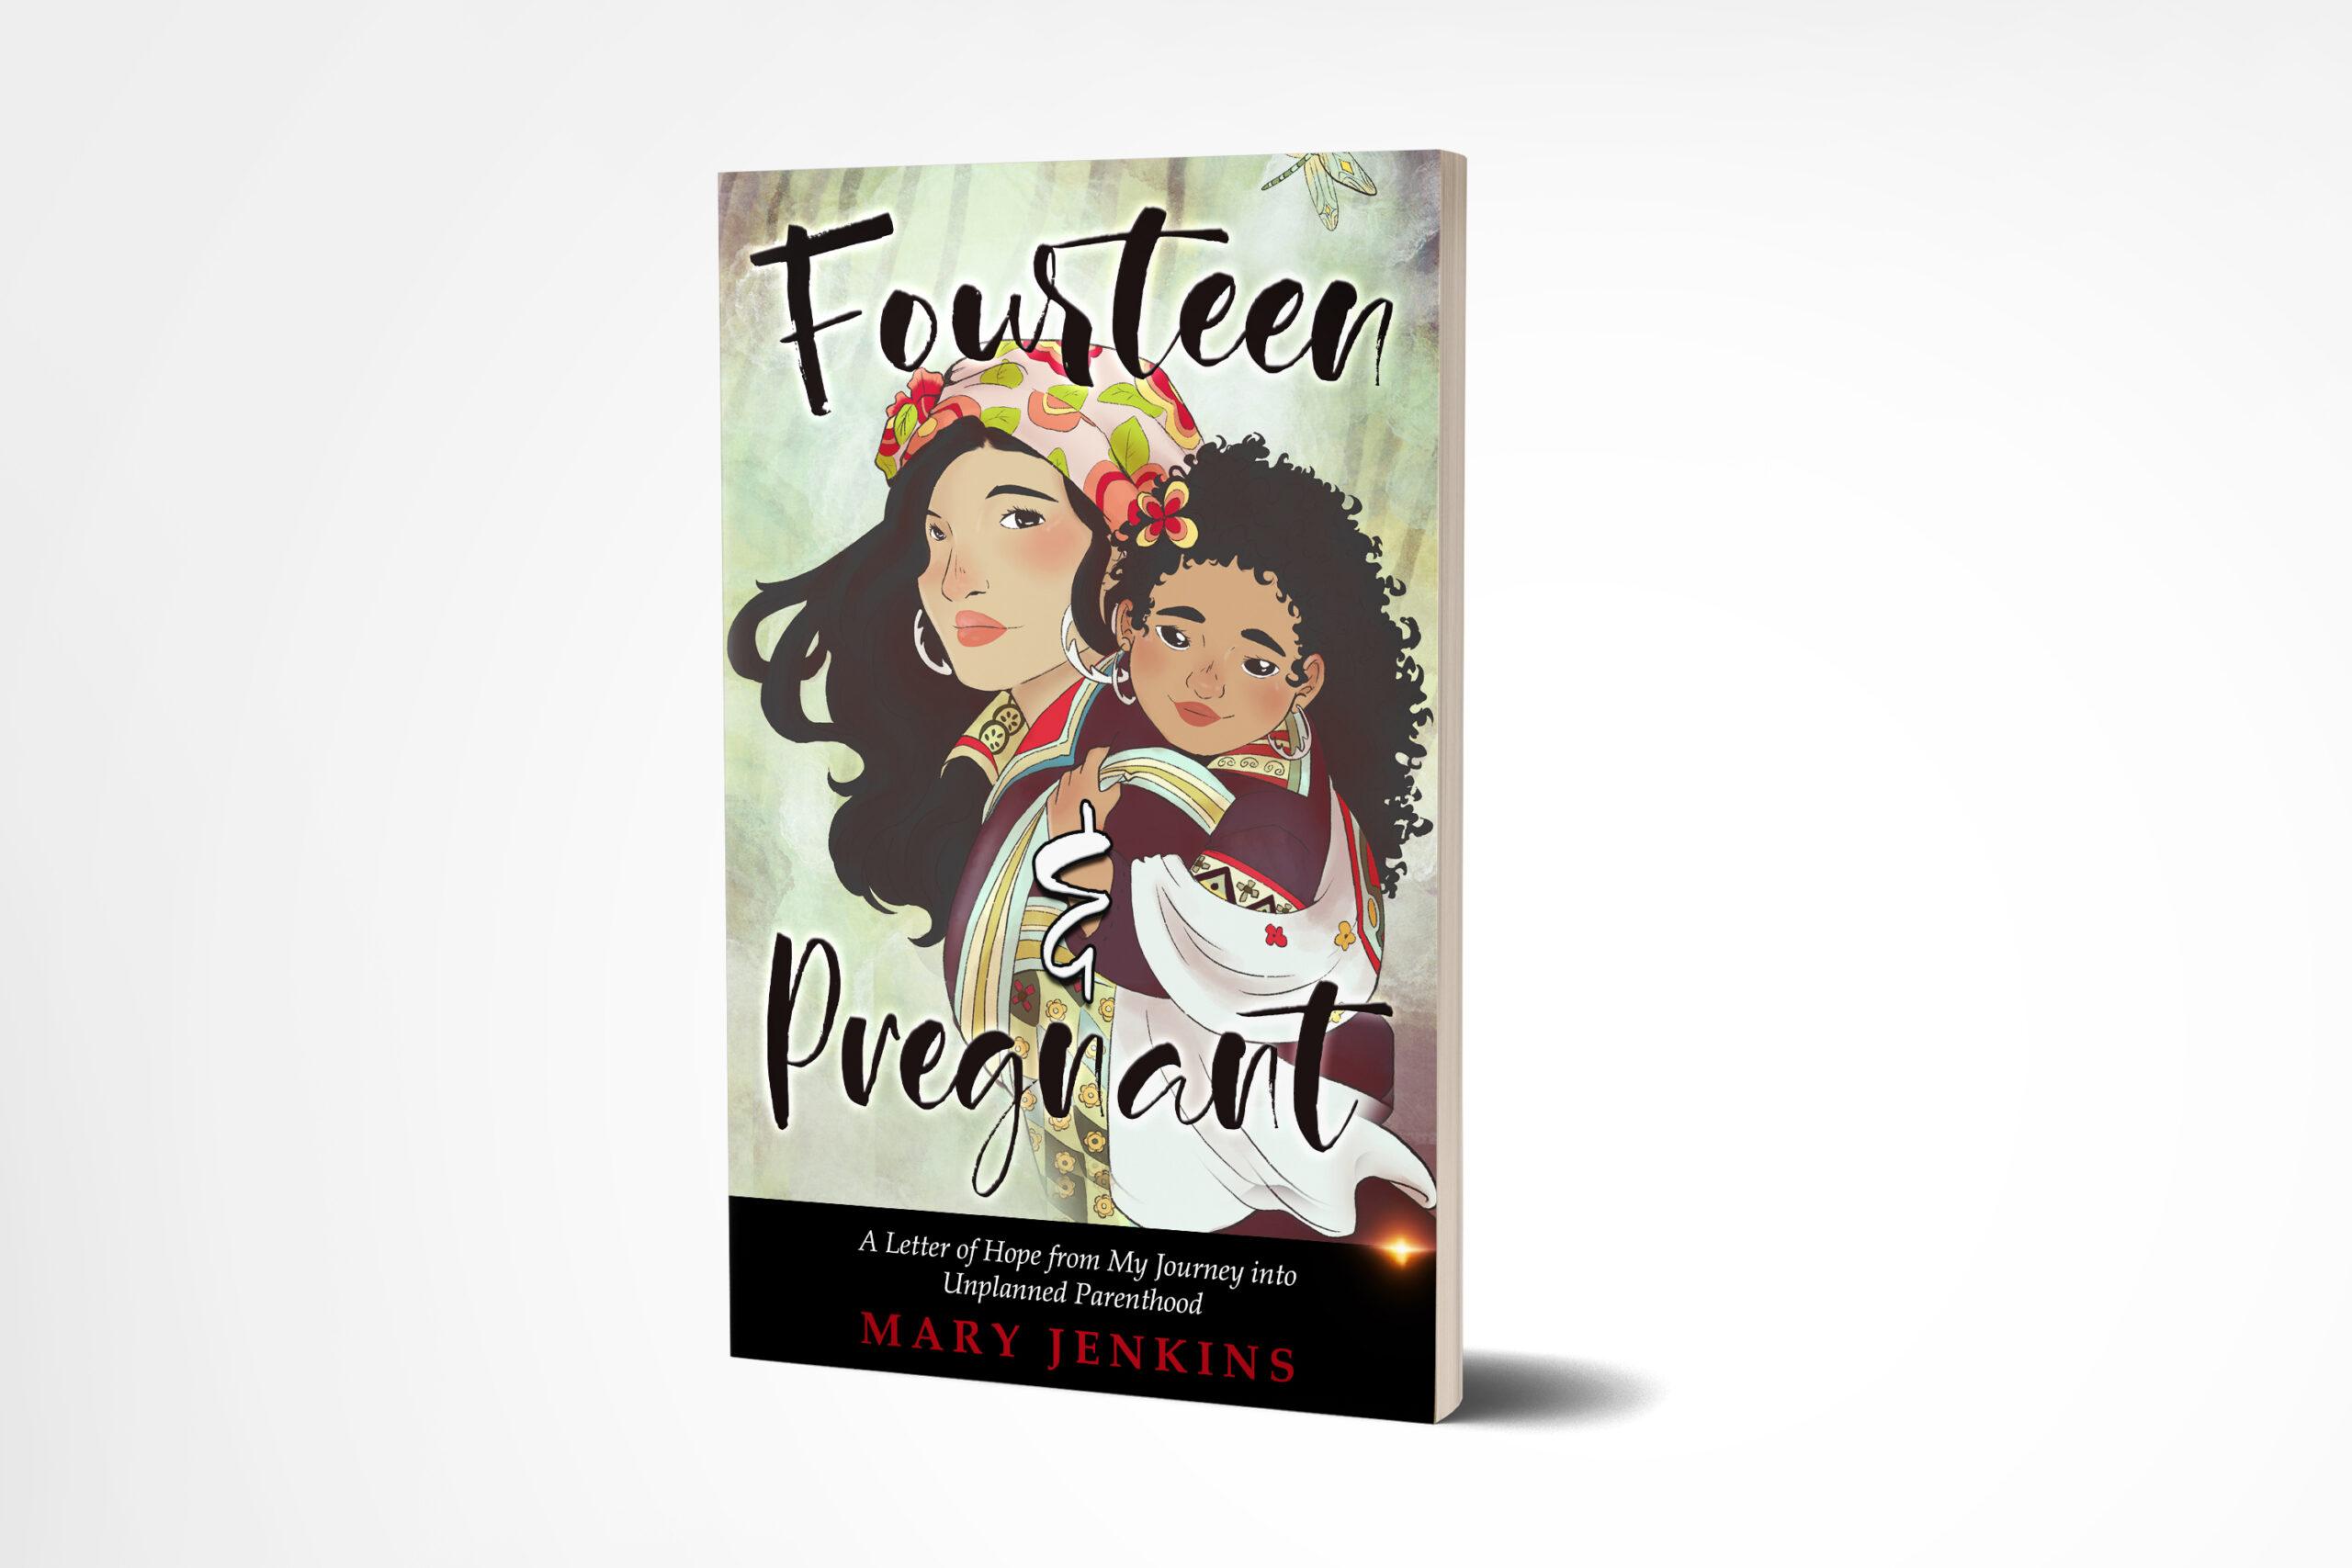 New Book Helps Teen Girls through Unplanned Parenthood 20